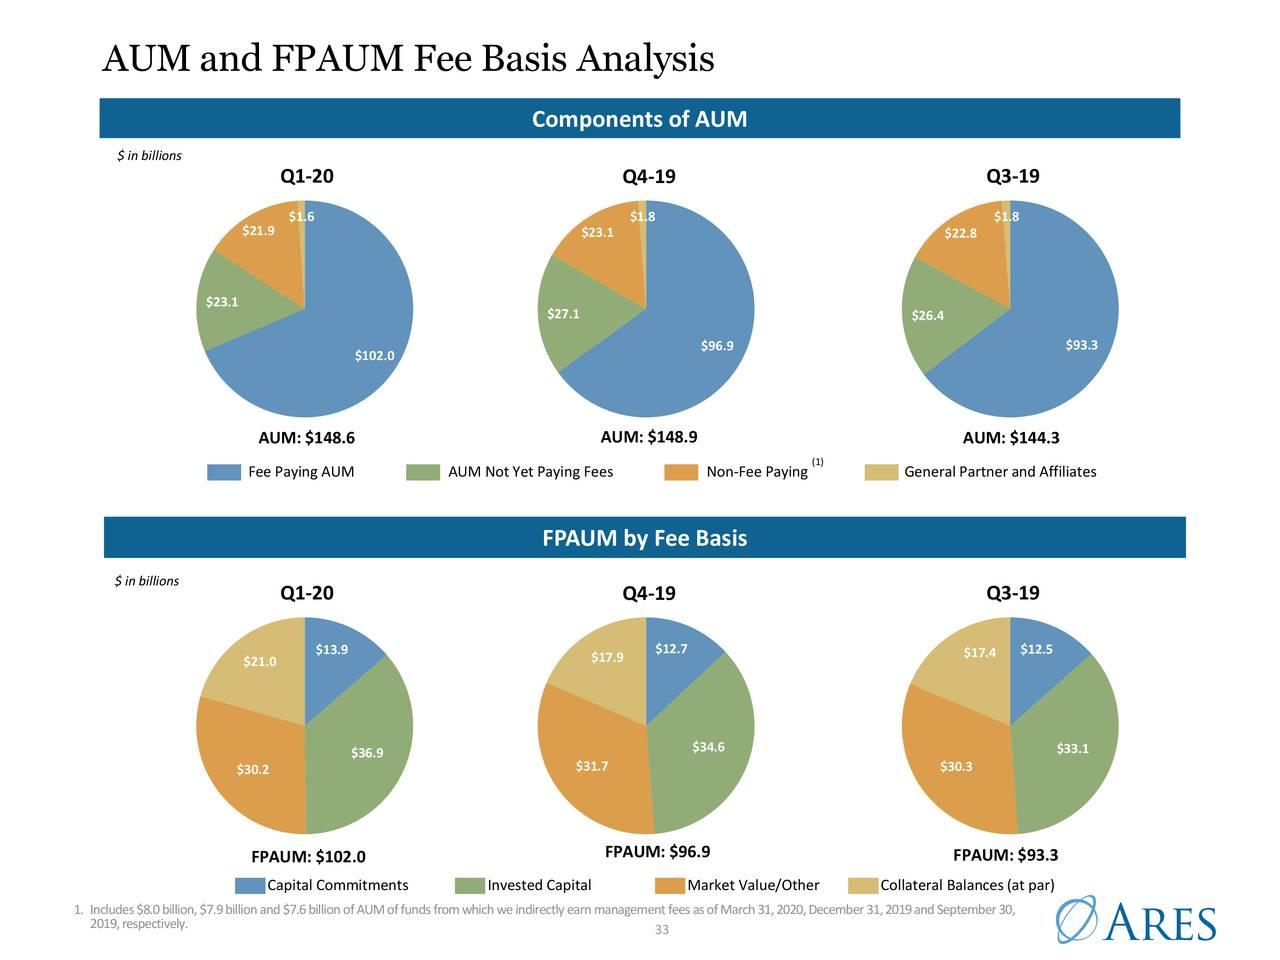 Análisis de base de tarifas AUM y FPAUM